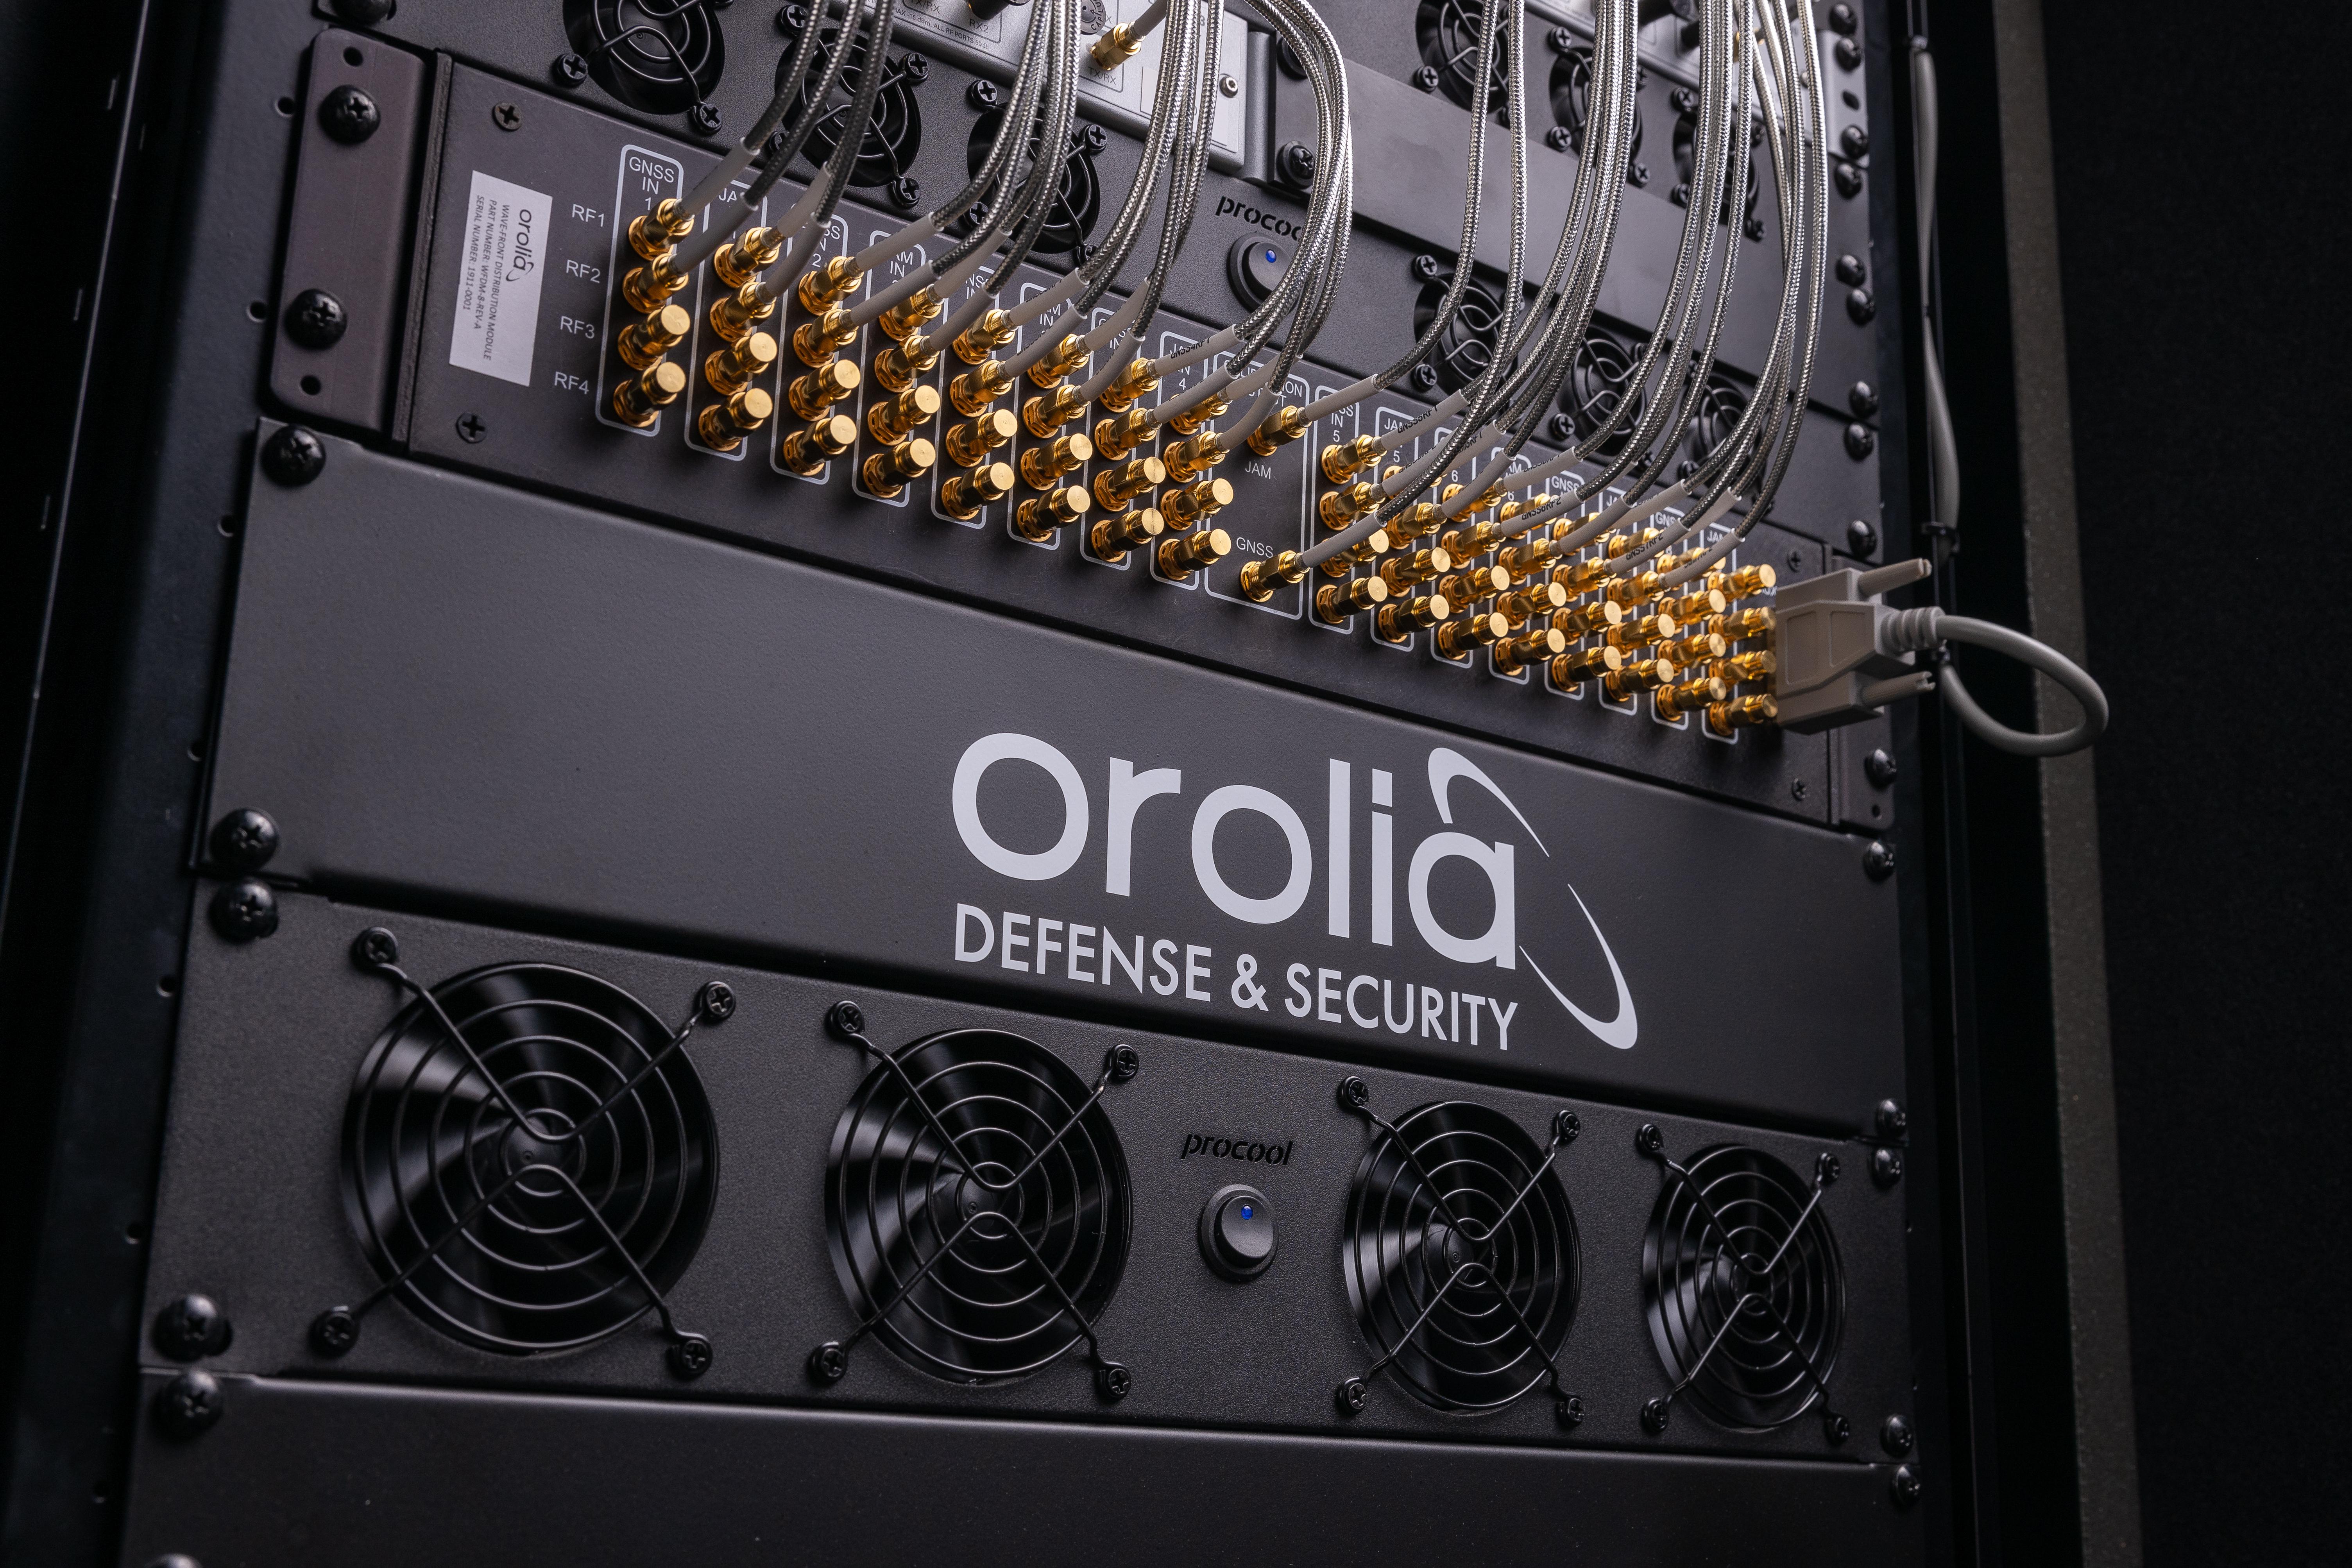 Orolia_005